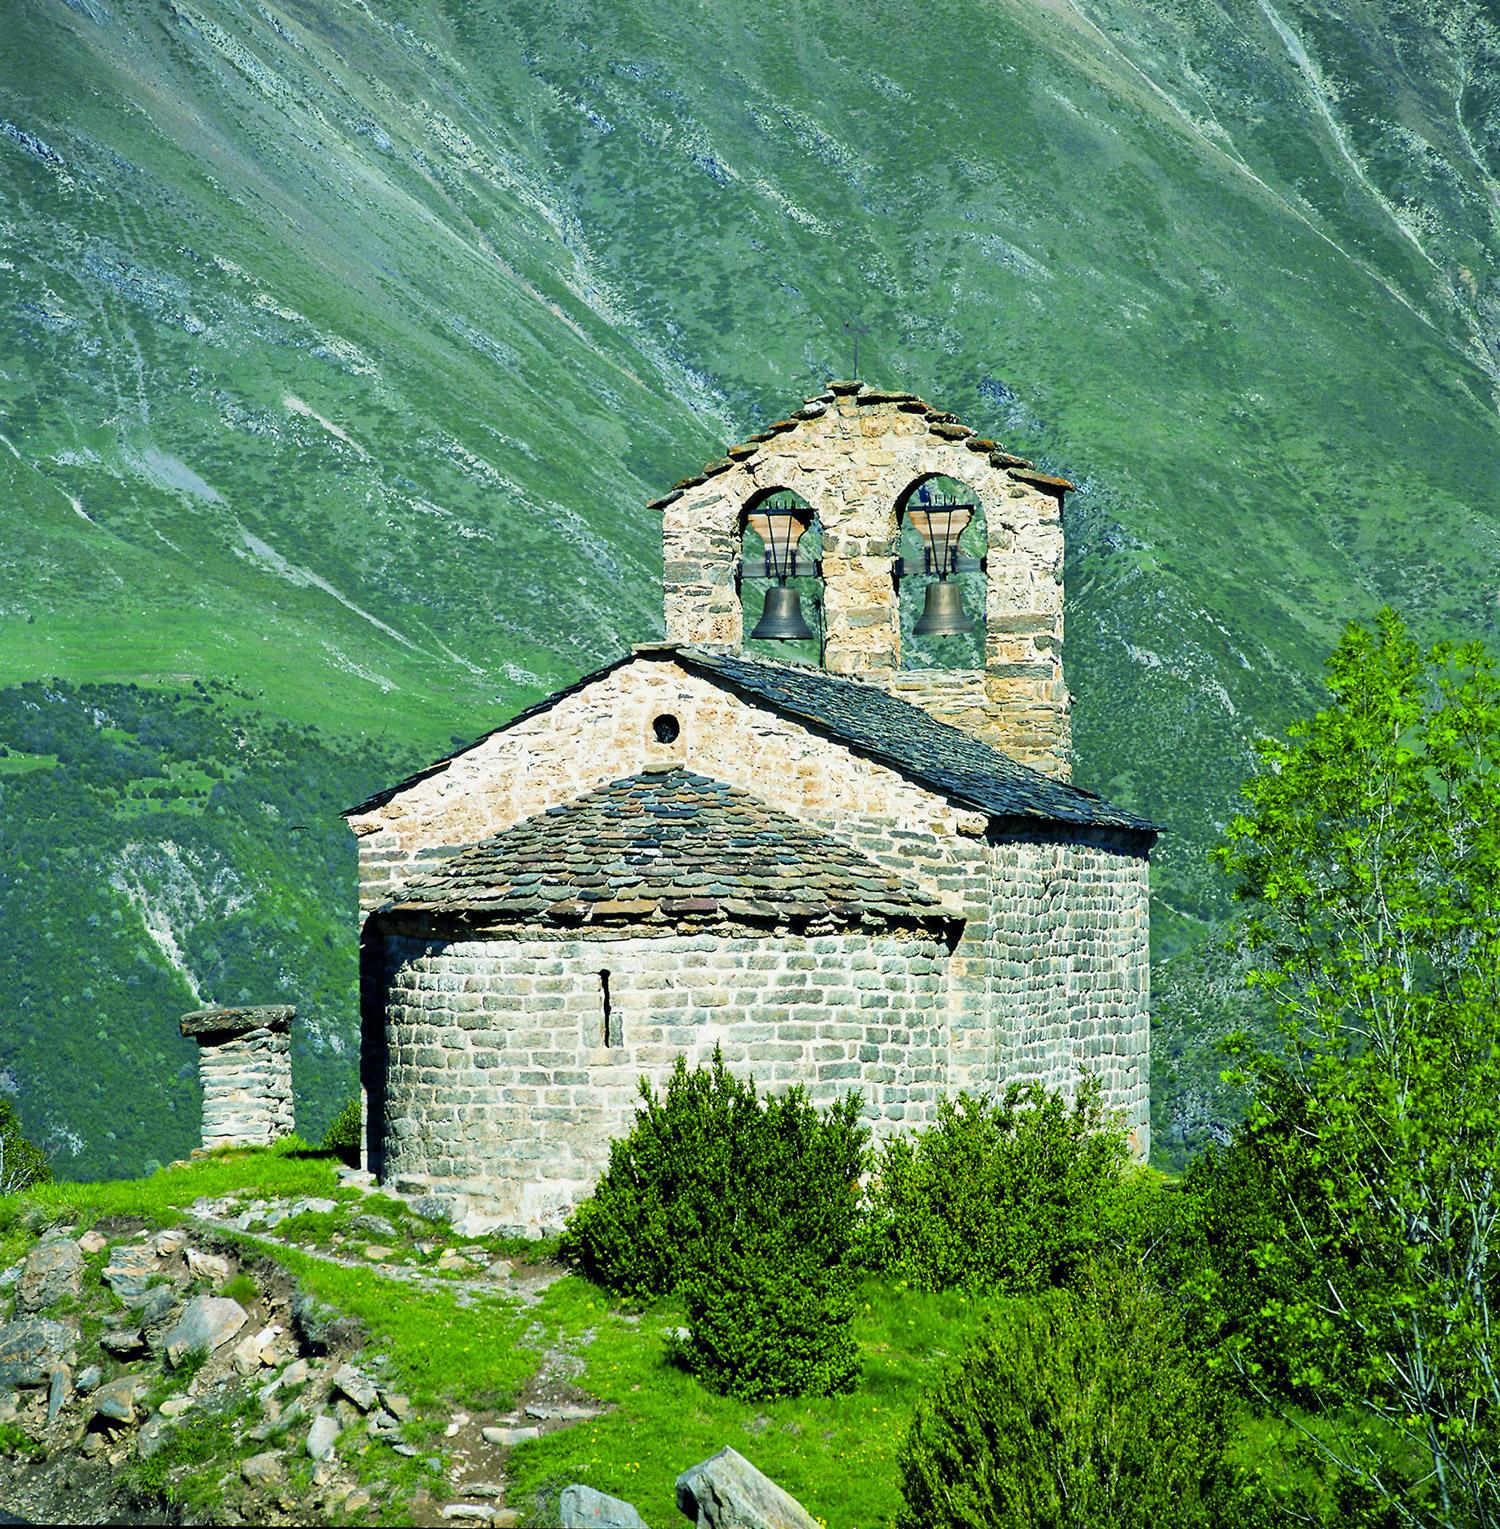 Eglise de Sant Quirc de Durro Terres de Lleida © Imagen M.A.S.